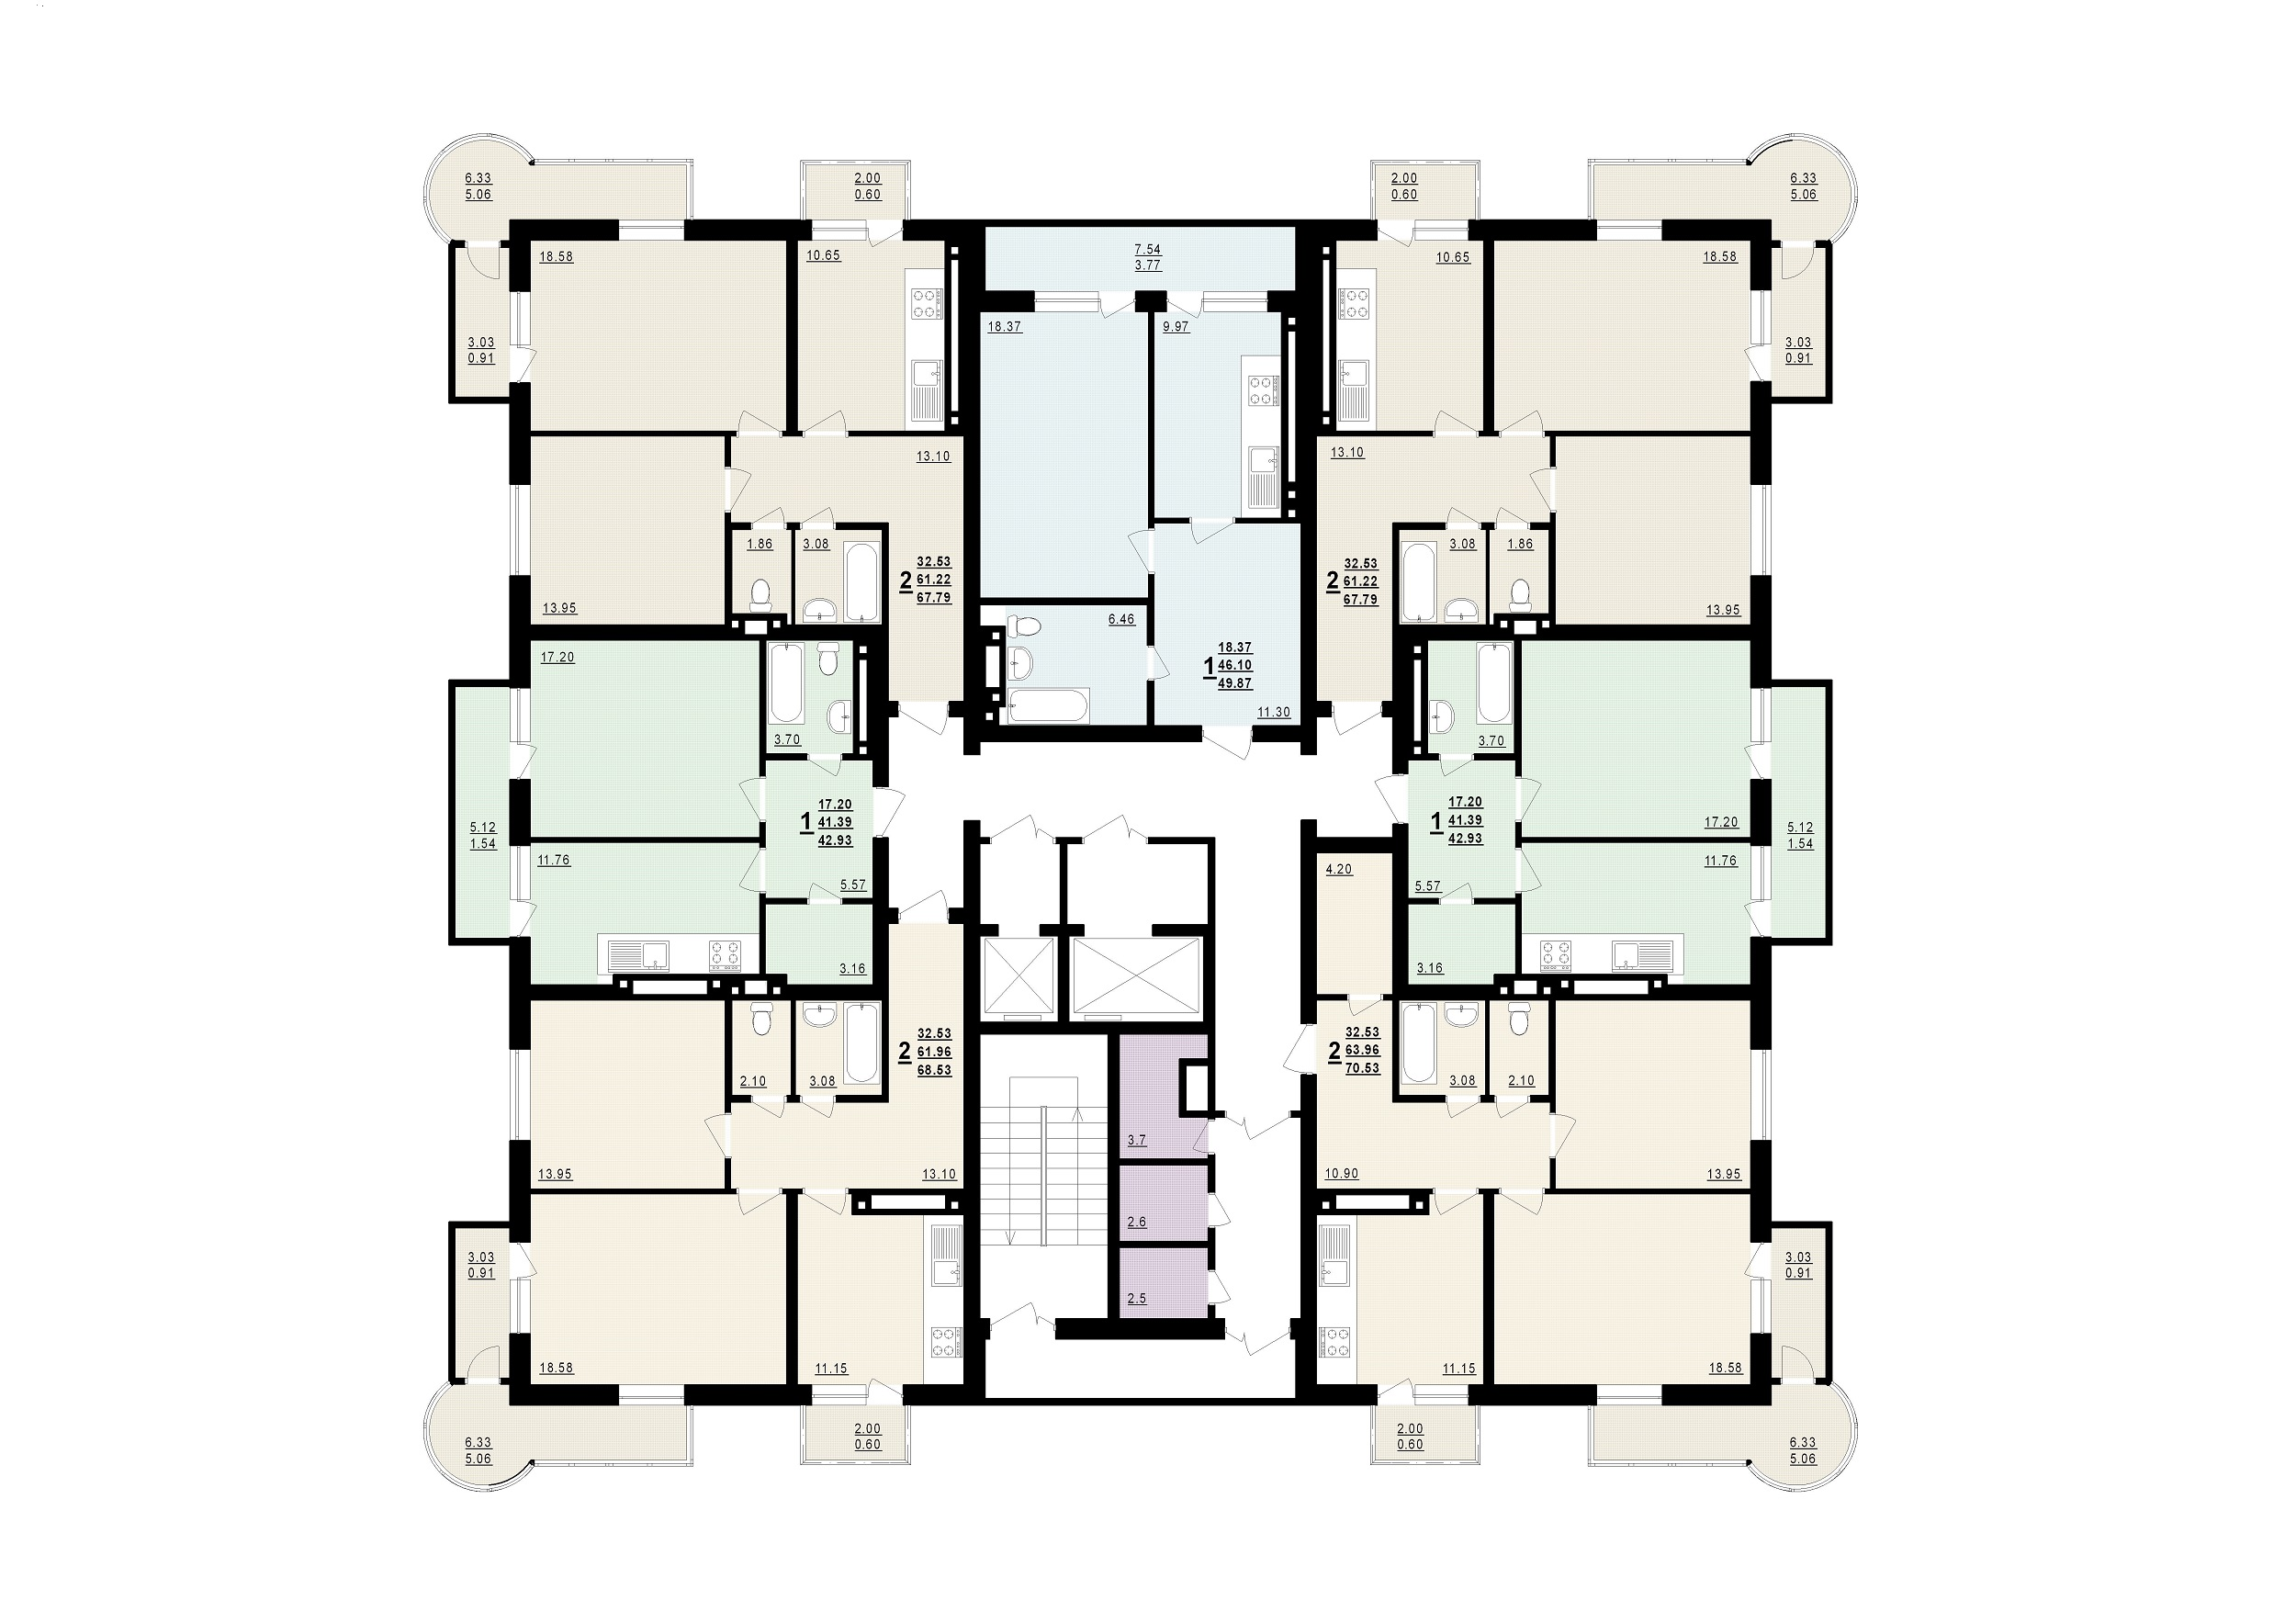 ЖК Новый маяк планировка этажа 14-19